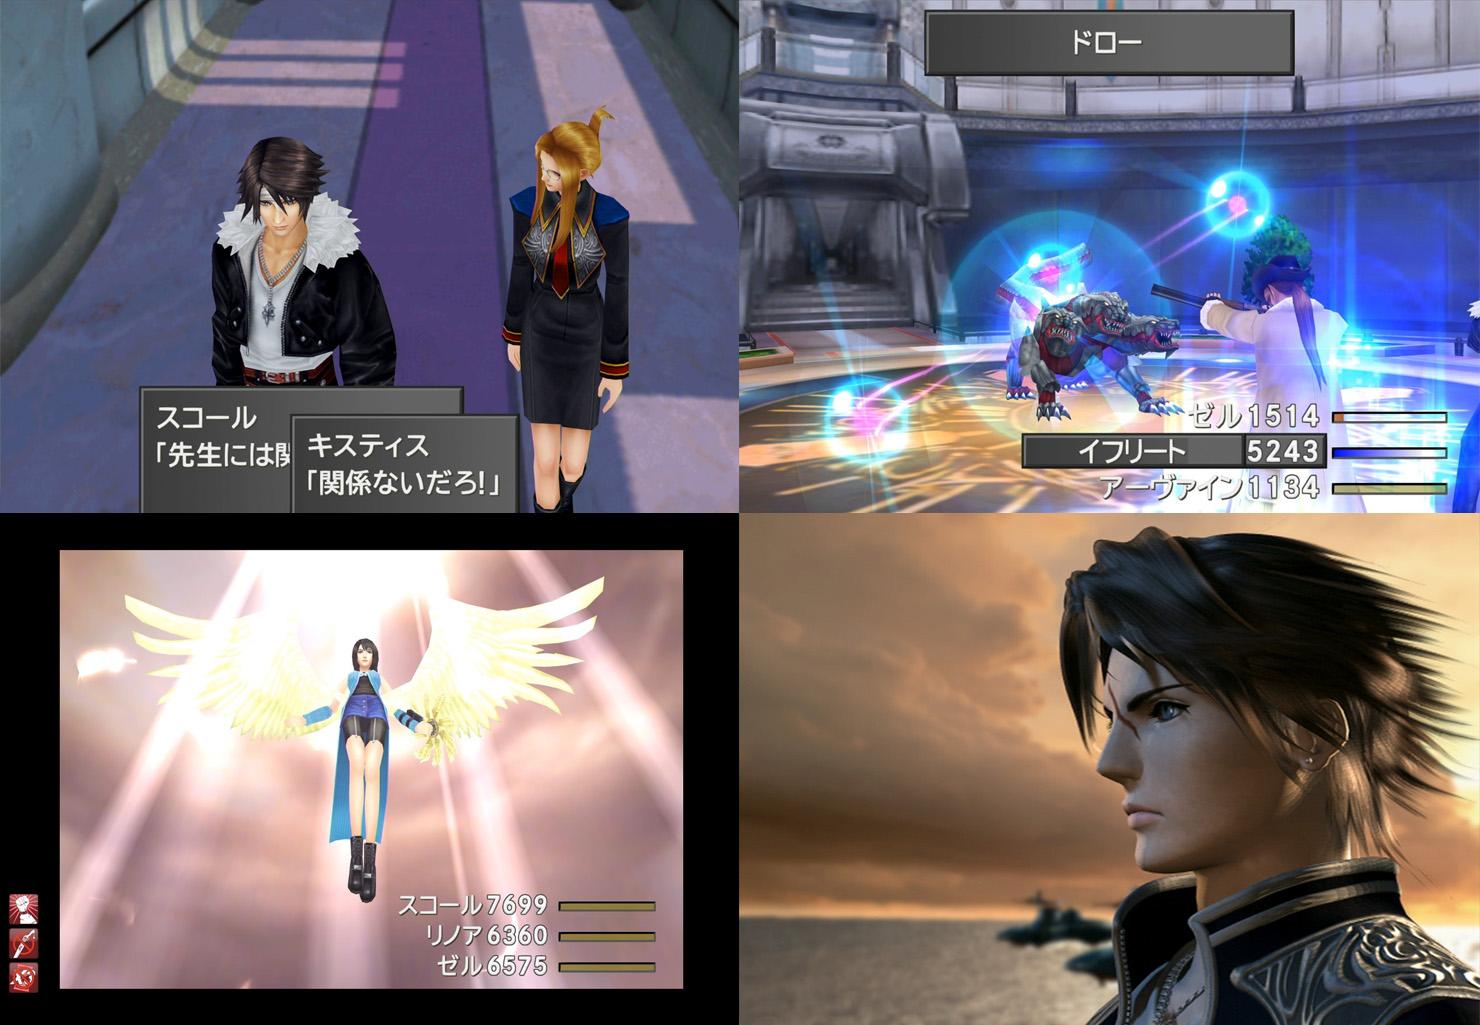 Ремастер Final Fantasy VIII, возможно, получит озвучку